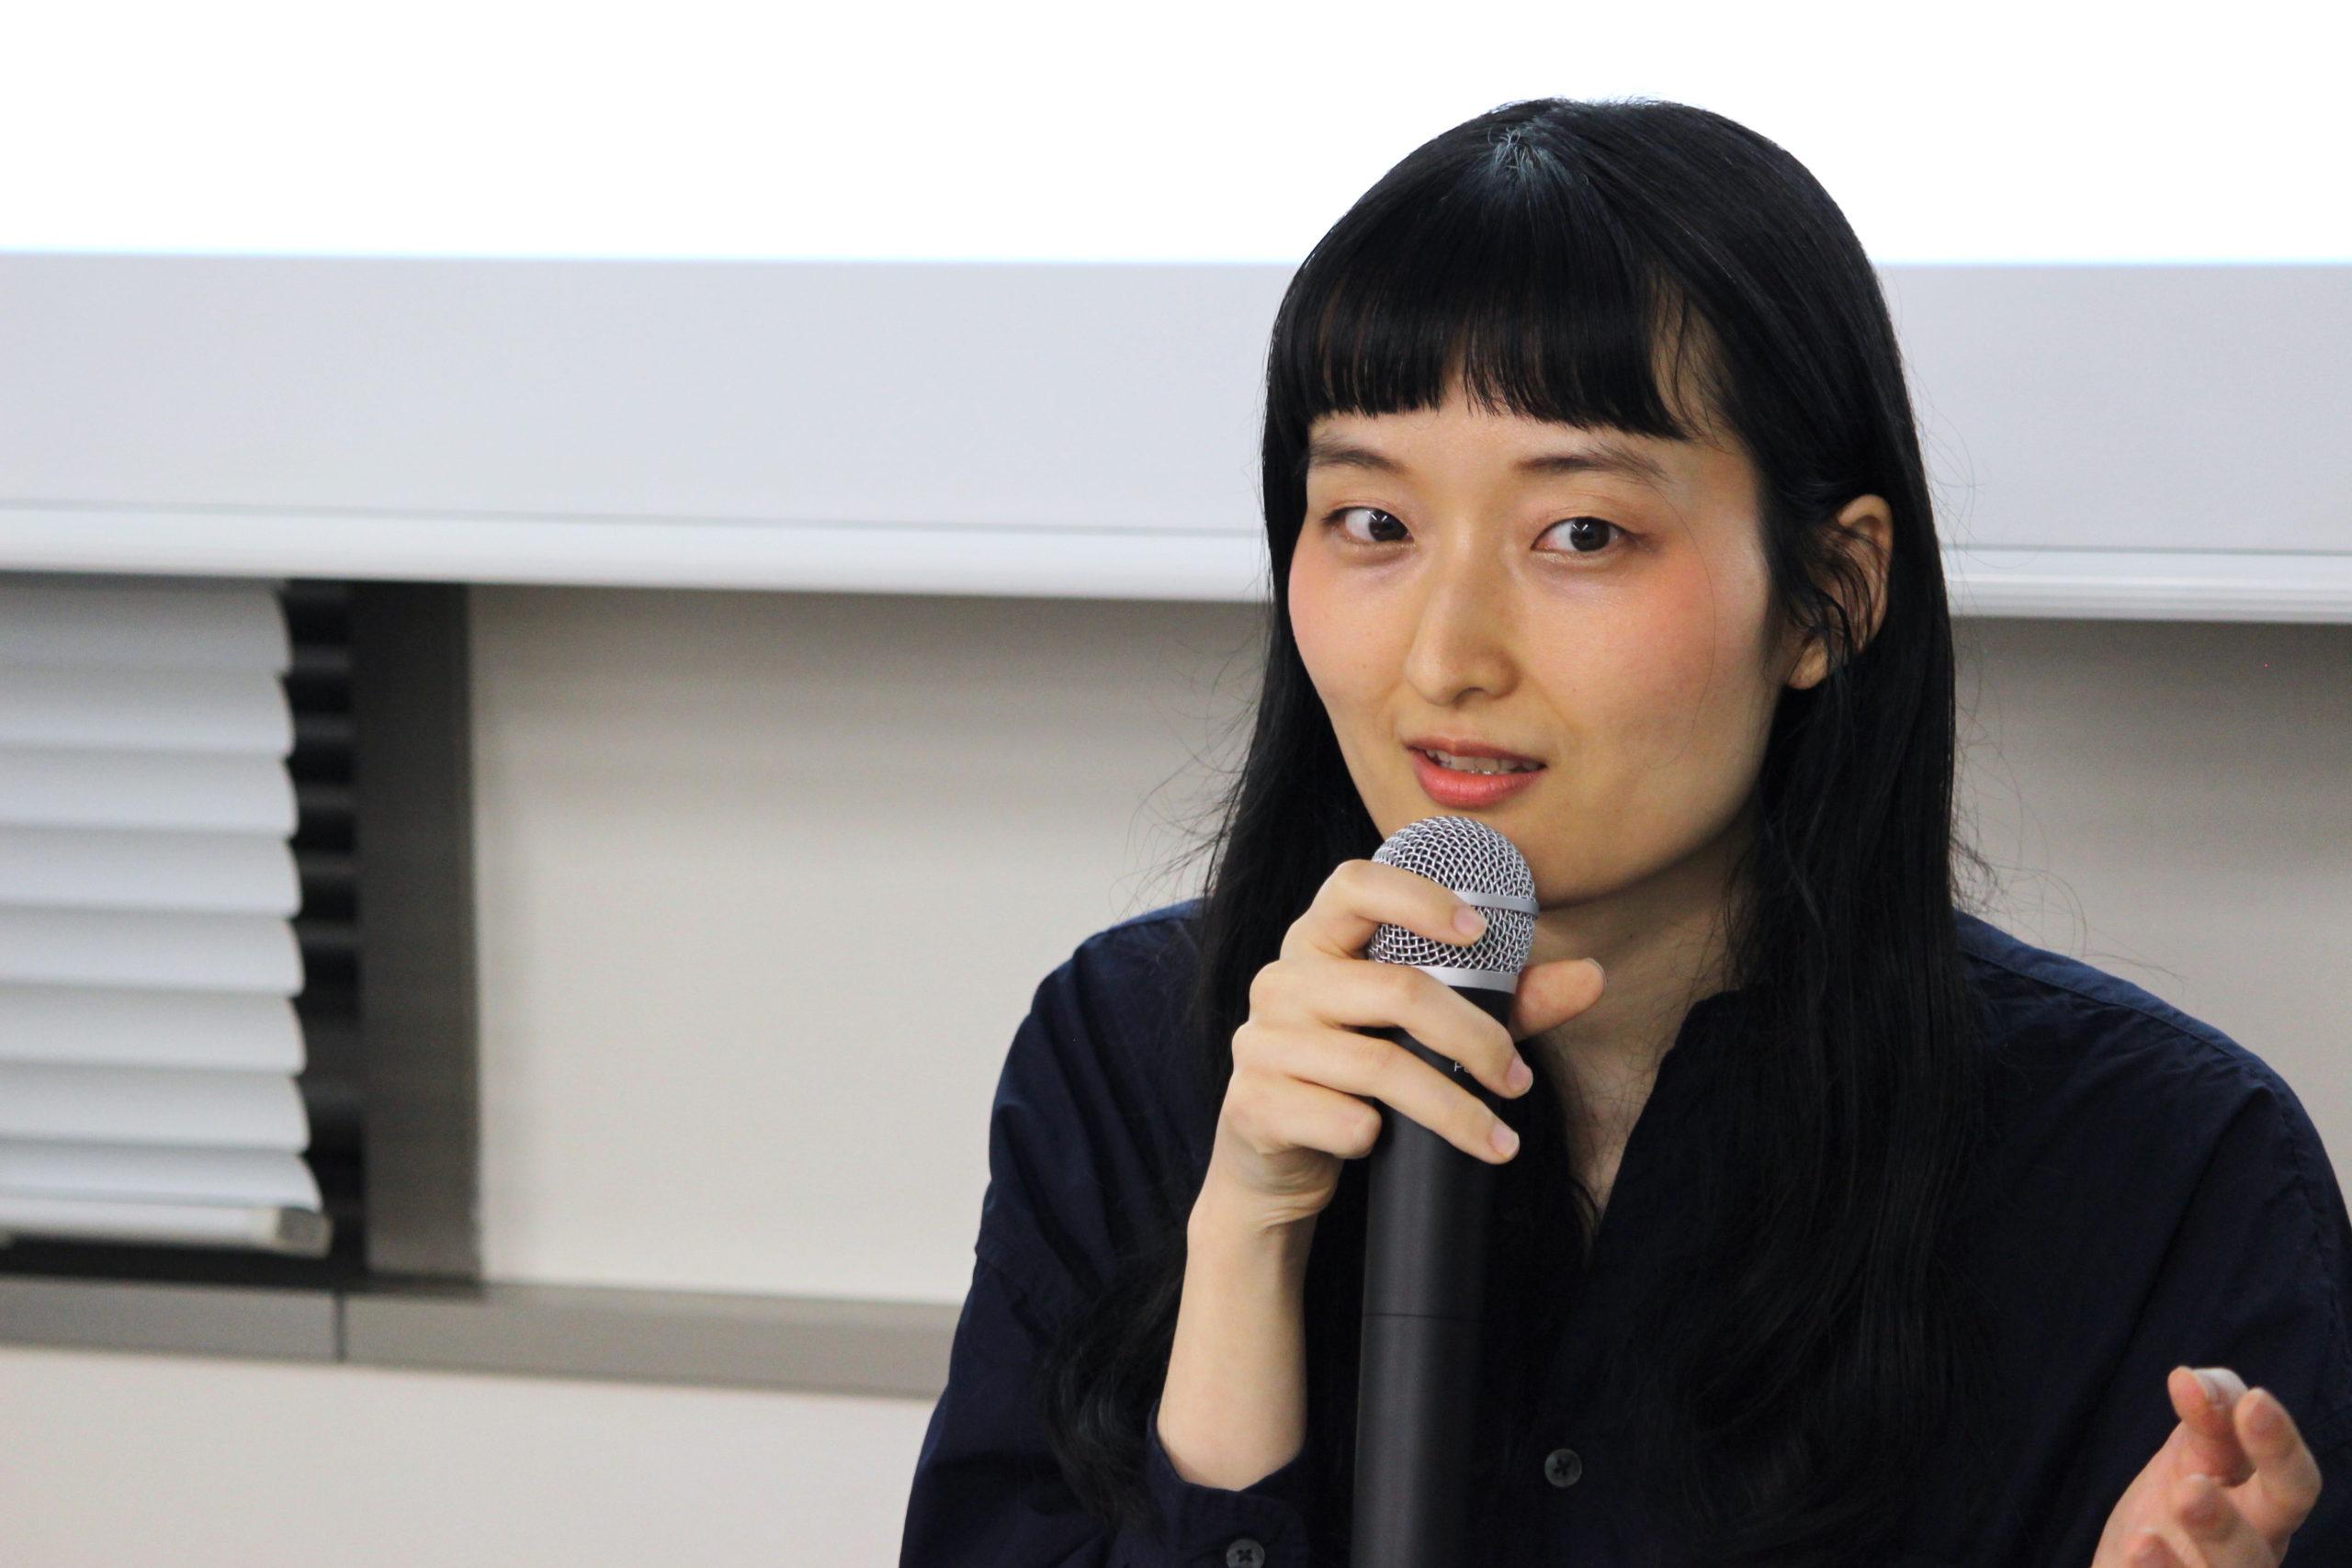 第四回プロライター勉強会「インタビューライターのお仕事 大矢幸世さん」